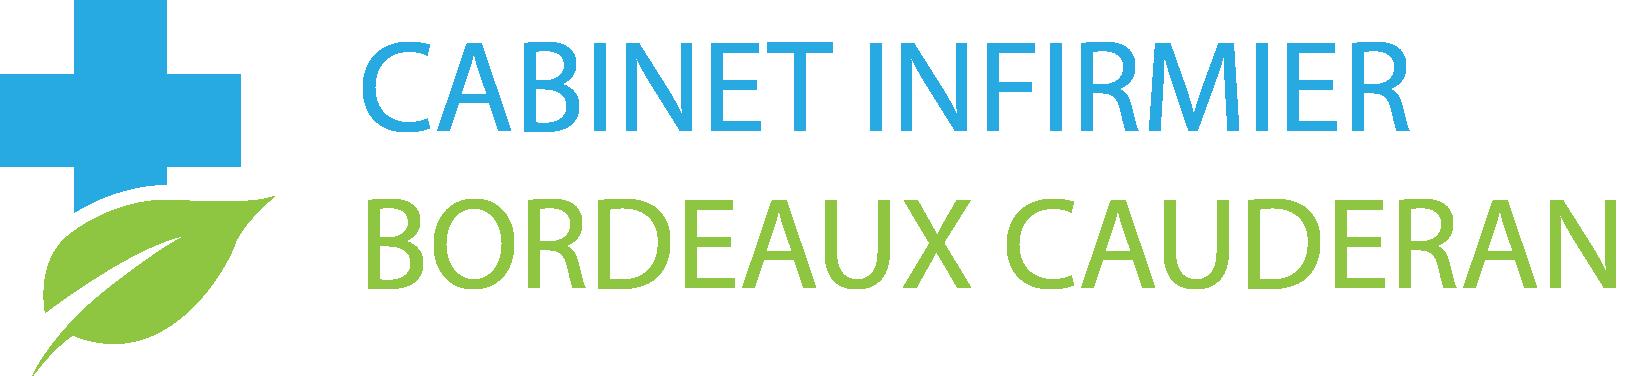 Cabinet infirmier à Caudéran et Bordeaux